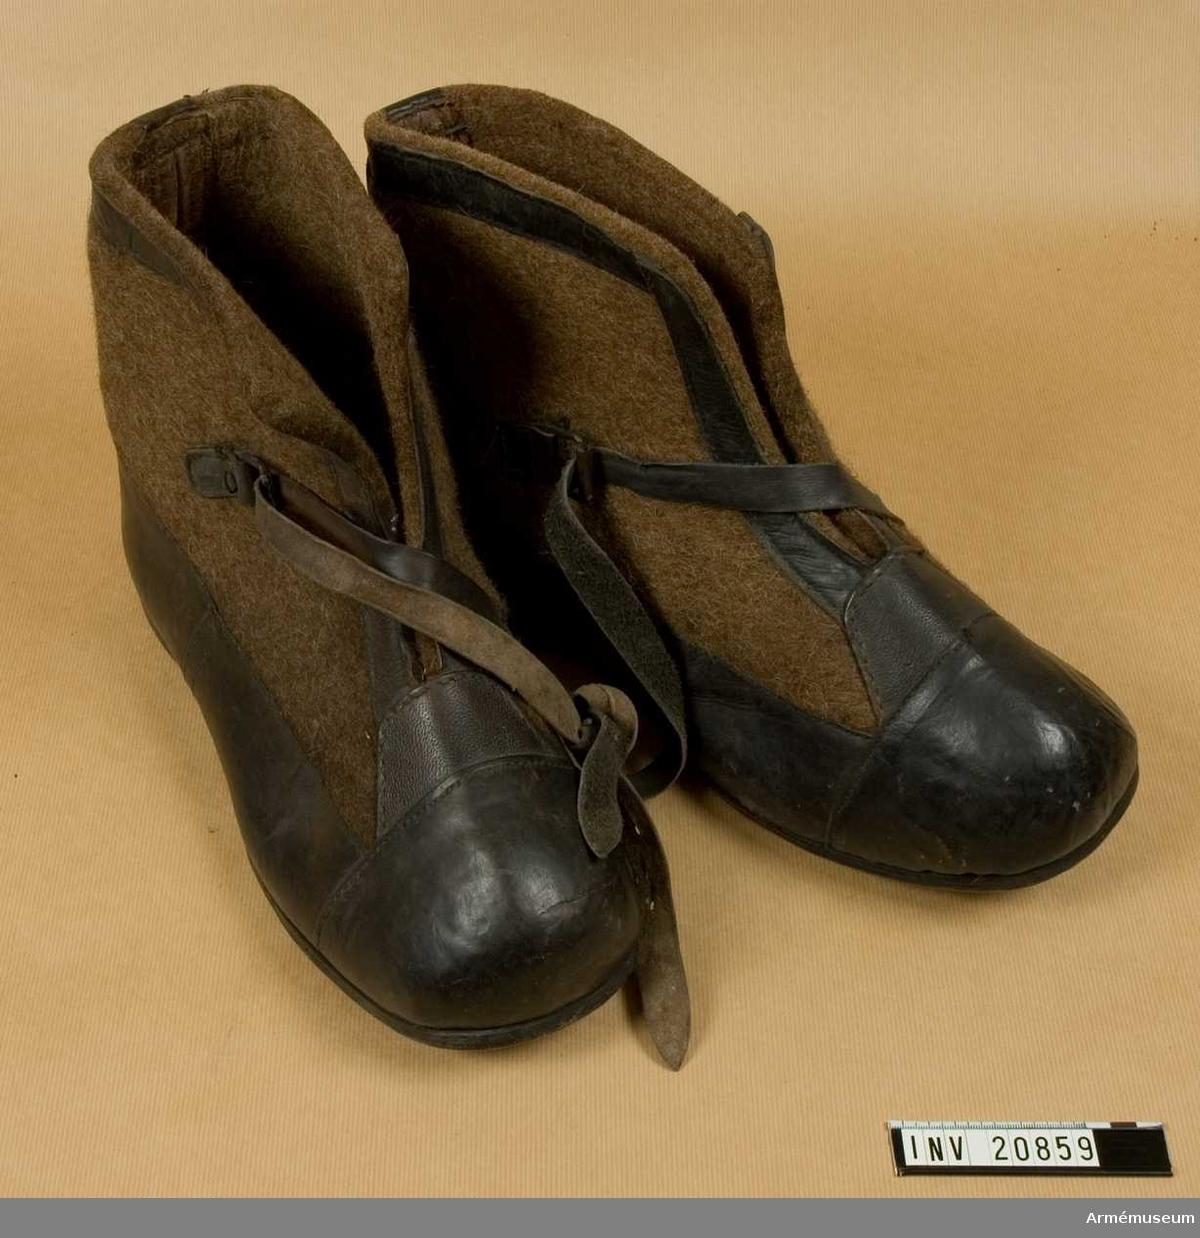 Grupp C. Ur uniform för manskap, Första världskriget 1915-16, Tyskland. Av mörkbrun filt, kantade med svart läder. På framsidan finns en rem med spännen som skorna spännes fast med. Sådana skor användes för vaktposten under vintern. De sattes ovanpå stövlarna.